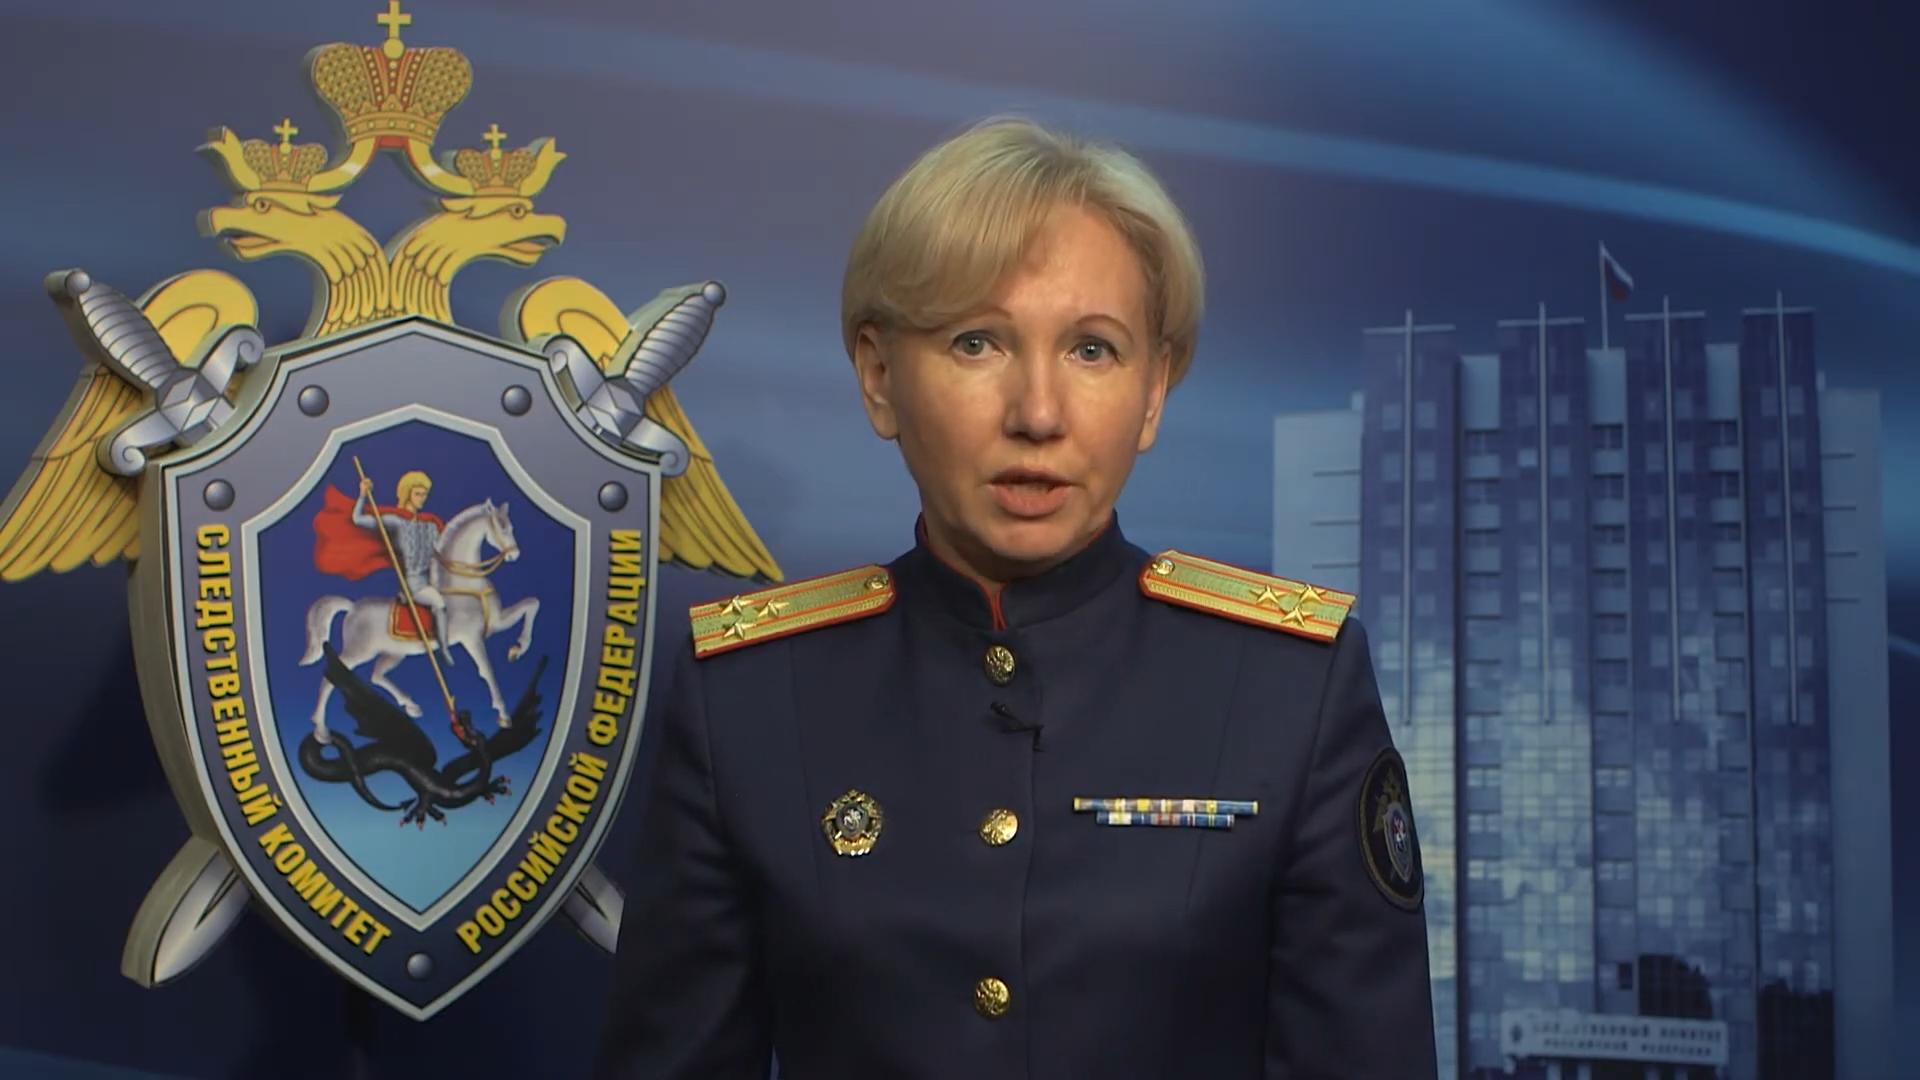 20200514_11-06-Возбуждены уголовные дела по факту реабилитации нацизма в ходе виртуального шествия «Бессмертный полк - онлайн»-scr1